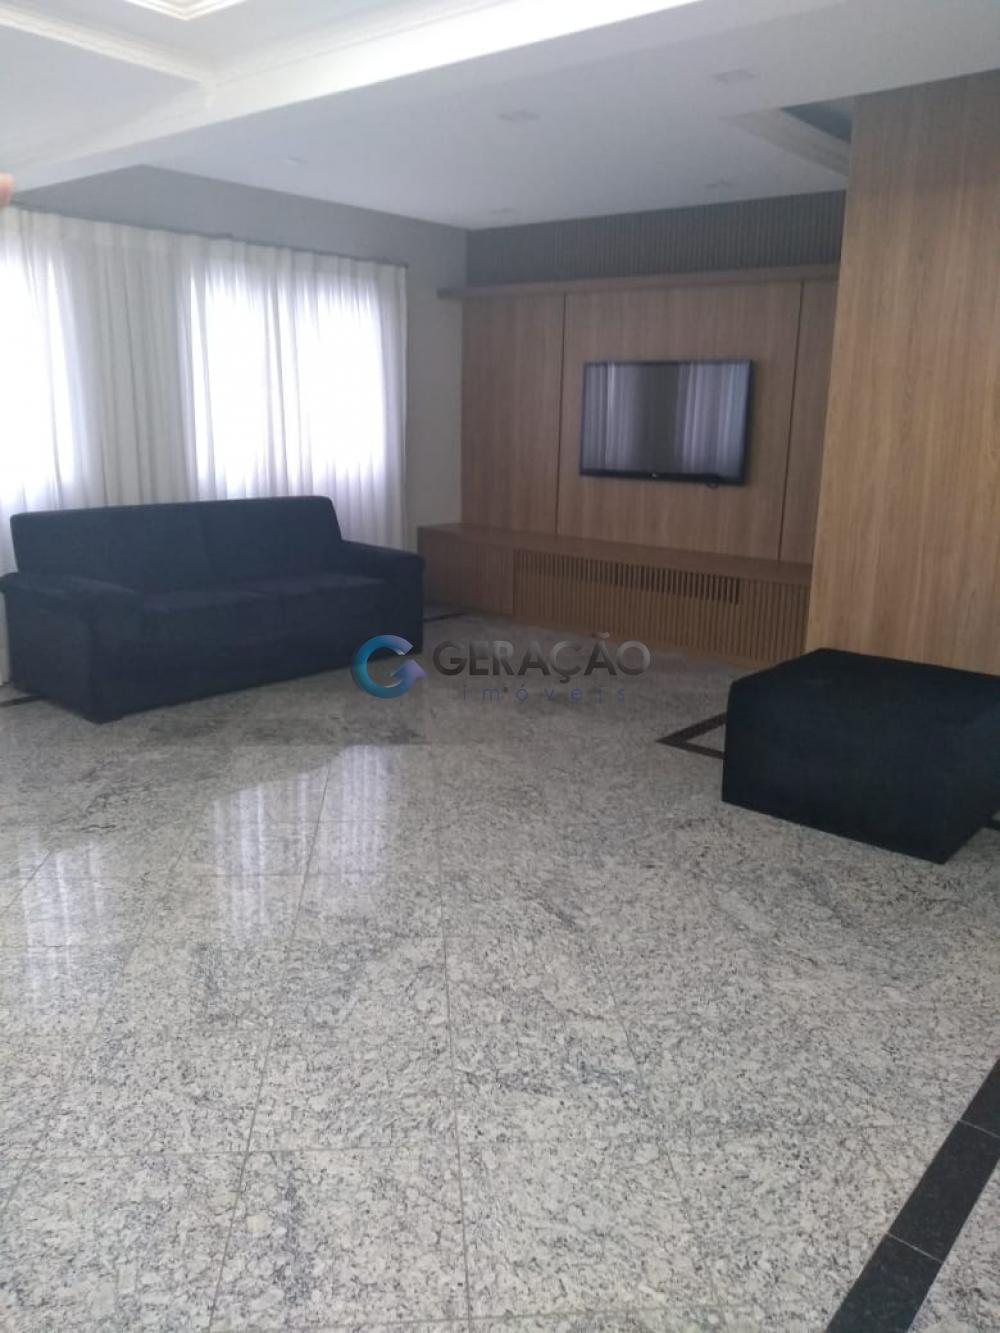 Comprar Apartamento / Padrão em São José dos Campos R$ 1.300.000,00 - Foto 3